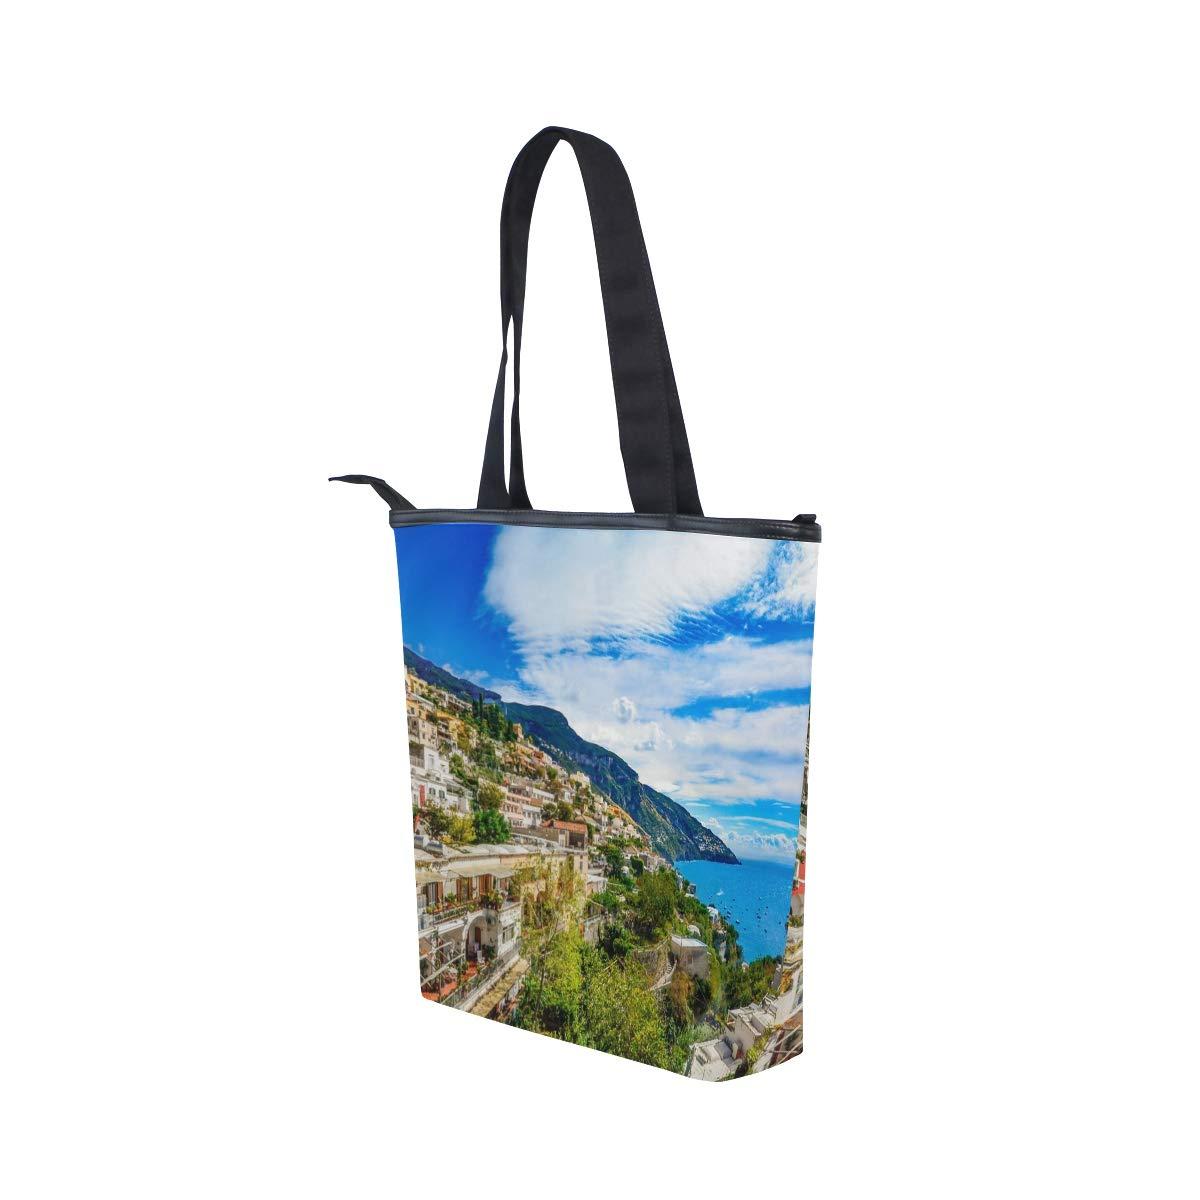 76762e49f707 Amalfi Coast Italy Canvas Tote Bags Leather Tote Handbags for Women ...